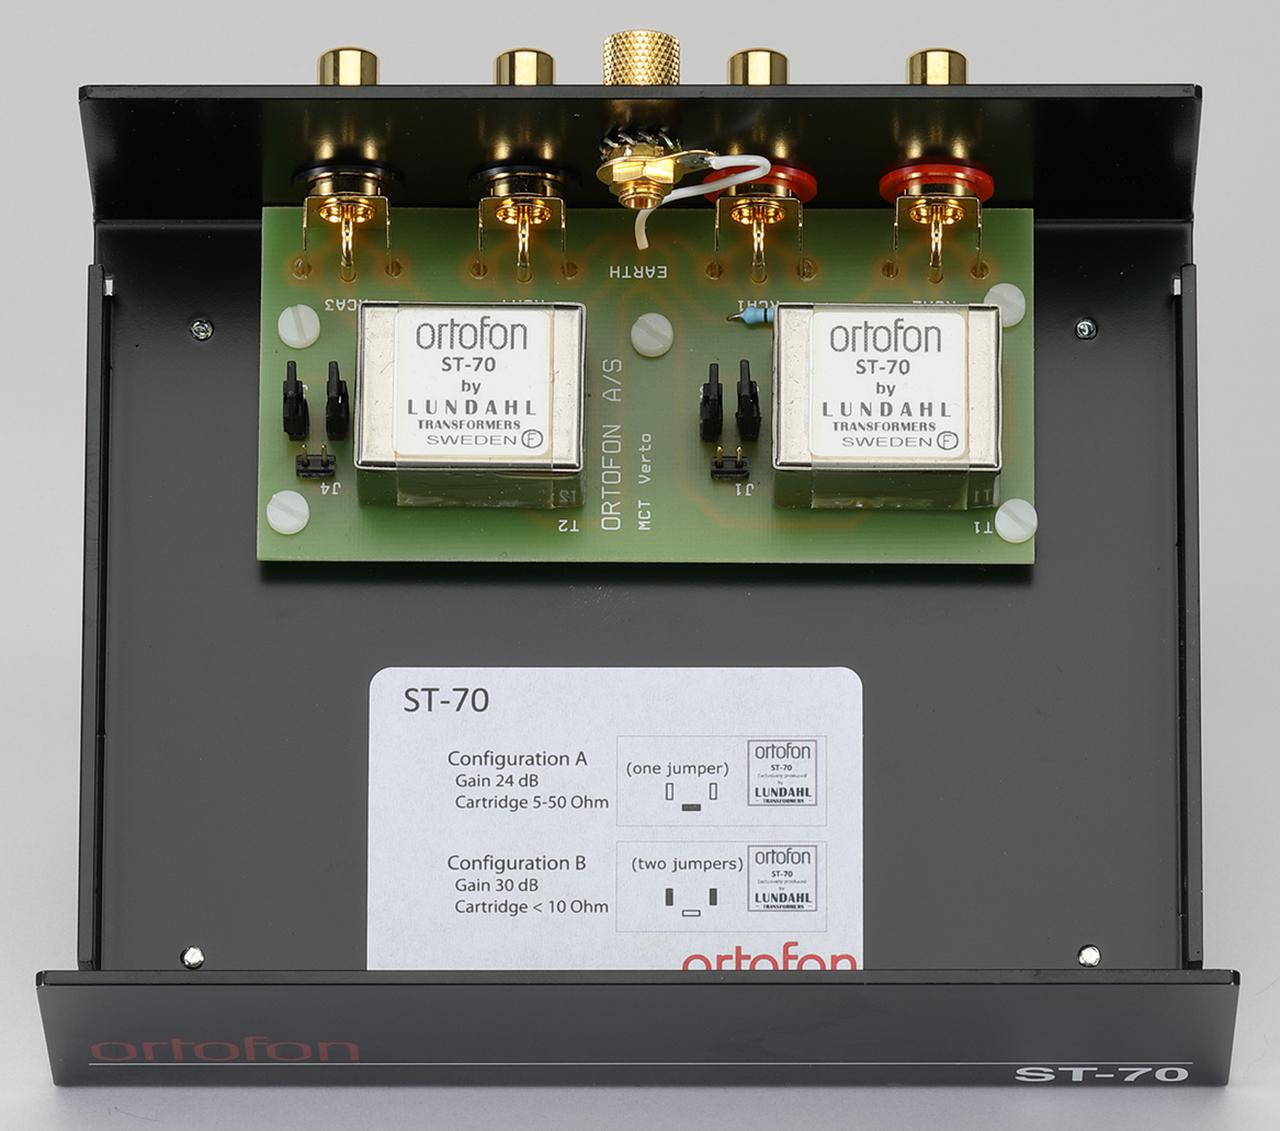 画像: ST-70の内部を見る。昇圧トランスはスウェーデン・ルンダール製の特注品をL/R独立で搭載。合金素材のμ-metal製ケースに封入されて高いシールド性能を備える。各1系統の入出力端子とトランスは最短配線される。インピーダンス変更は内部基板上のジャンパーピンで行なう。